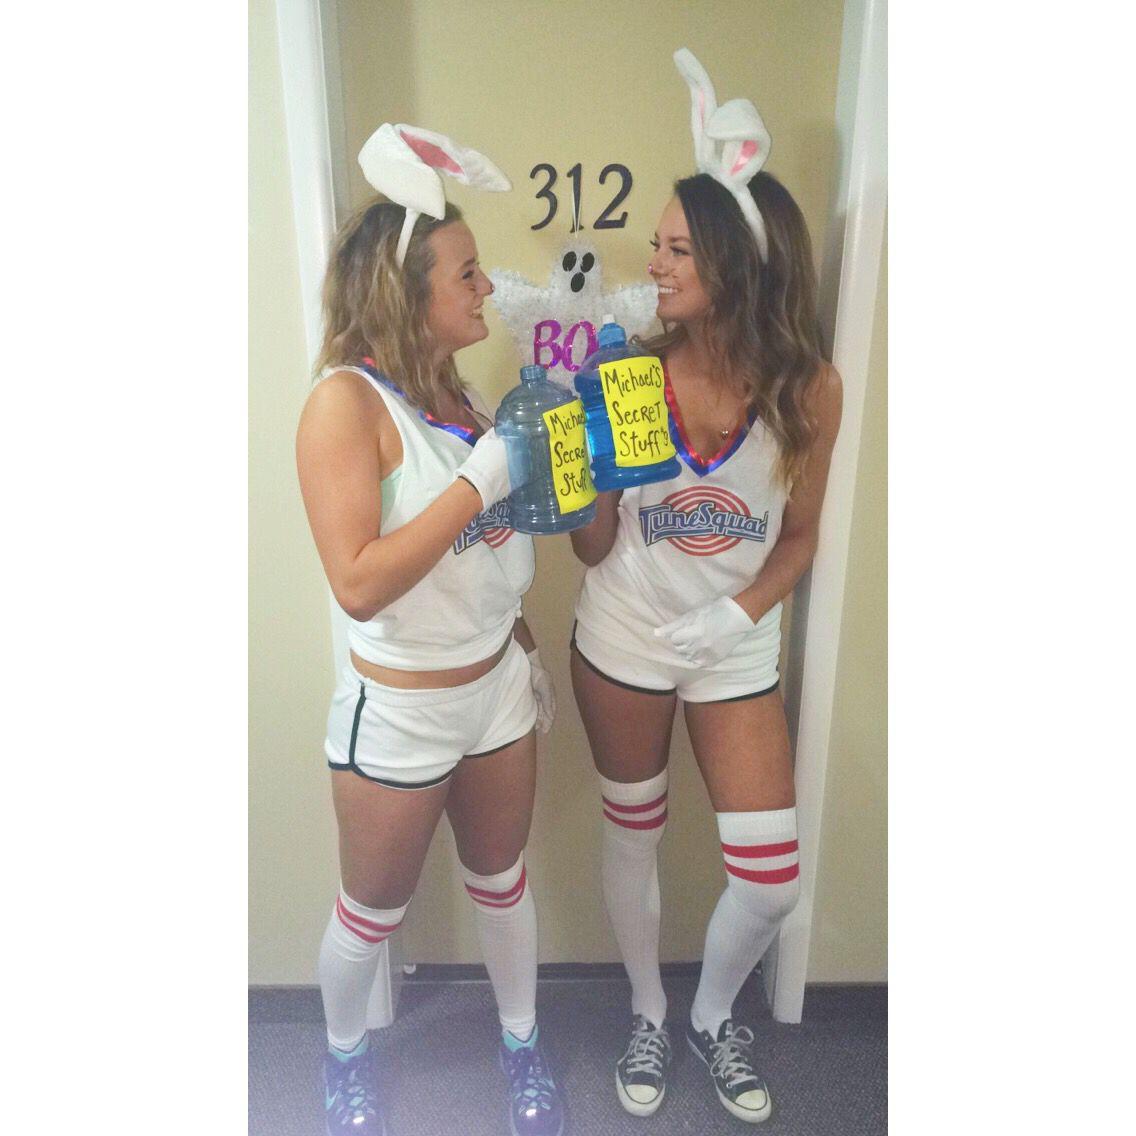 space jam halloween costume - Puck Bunny Halloween Costume